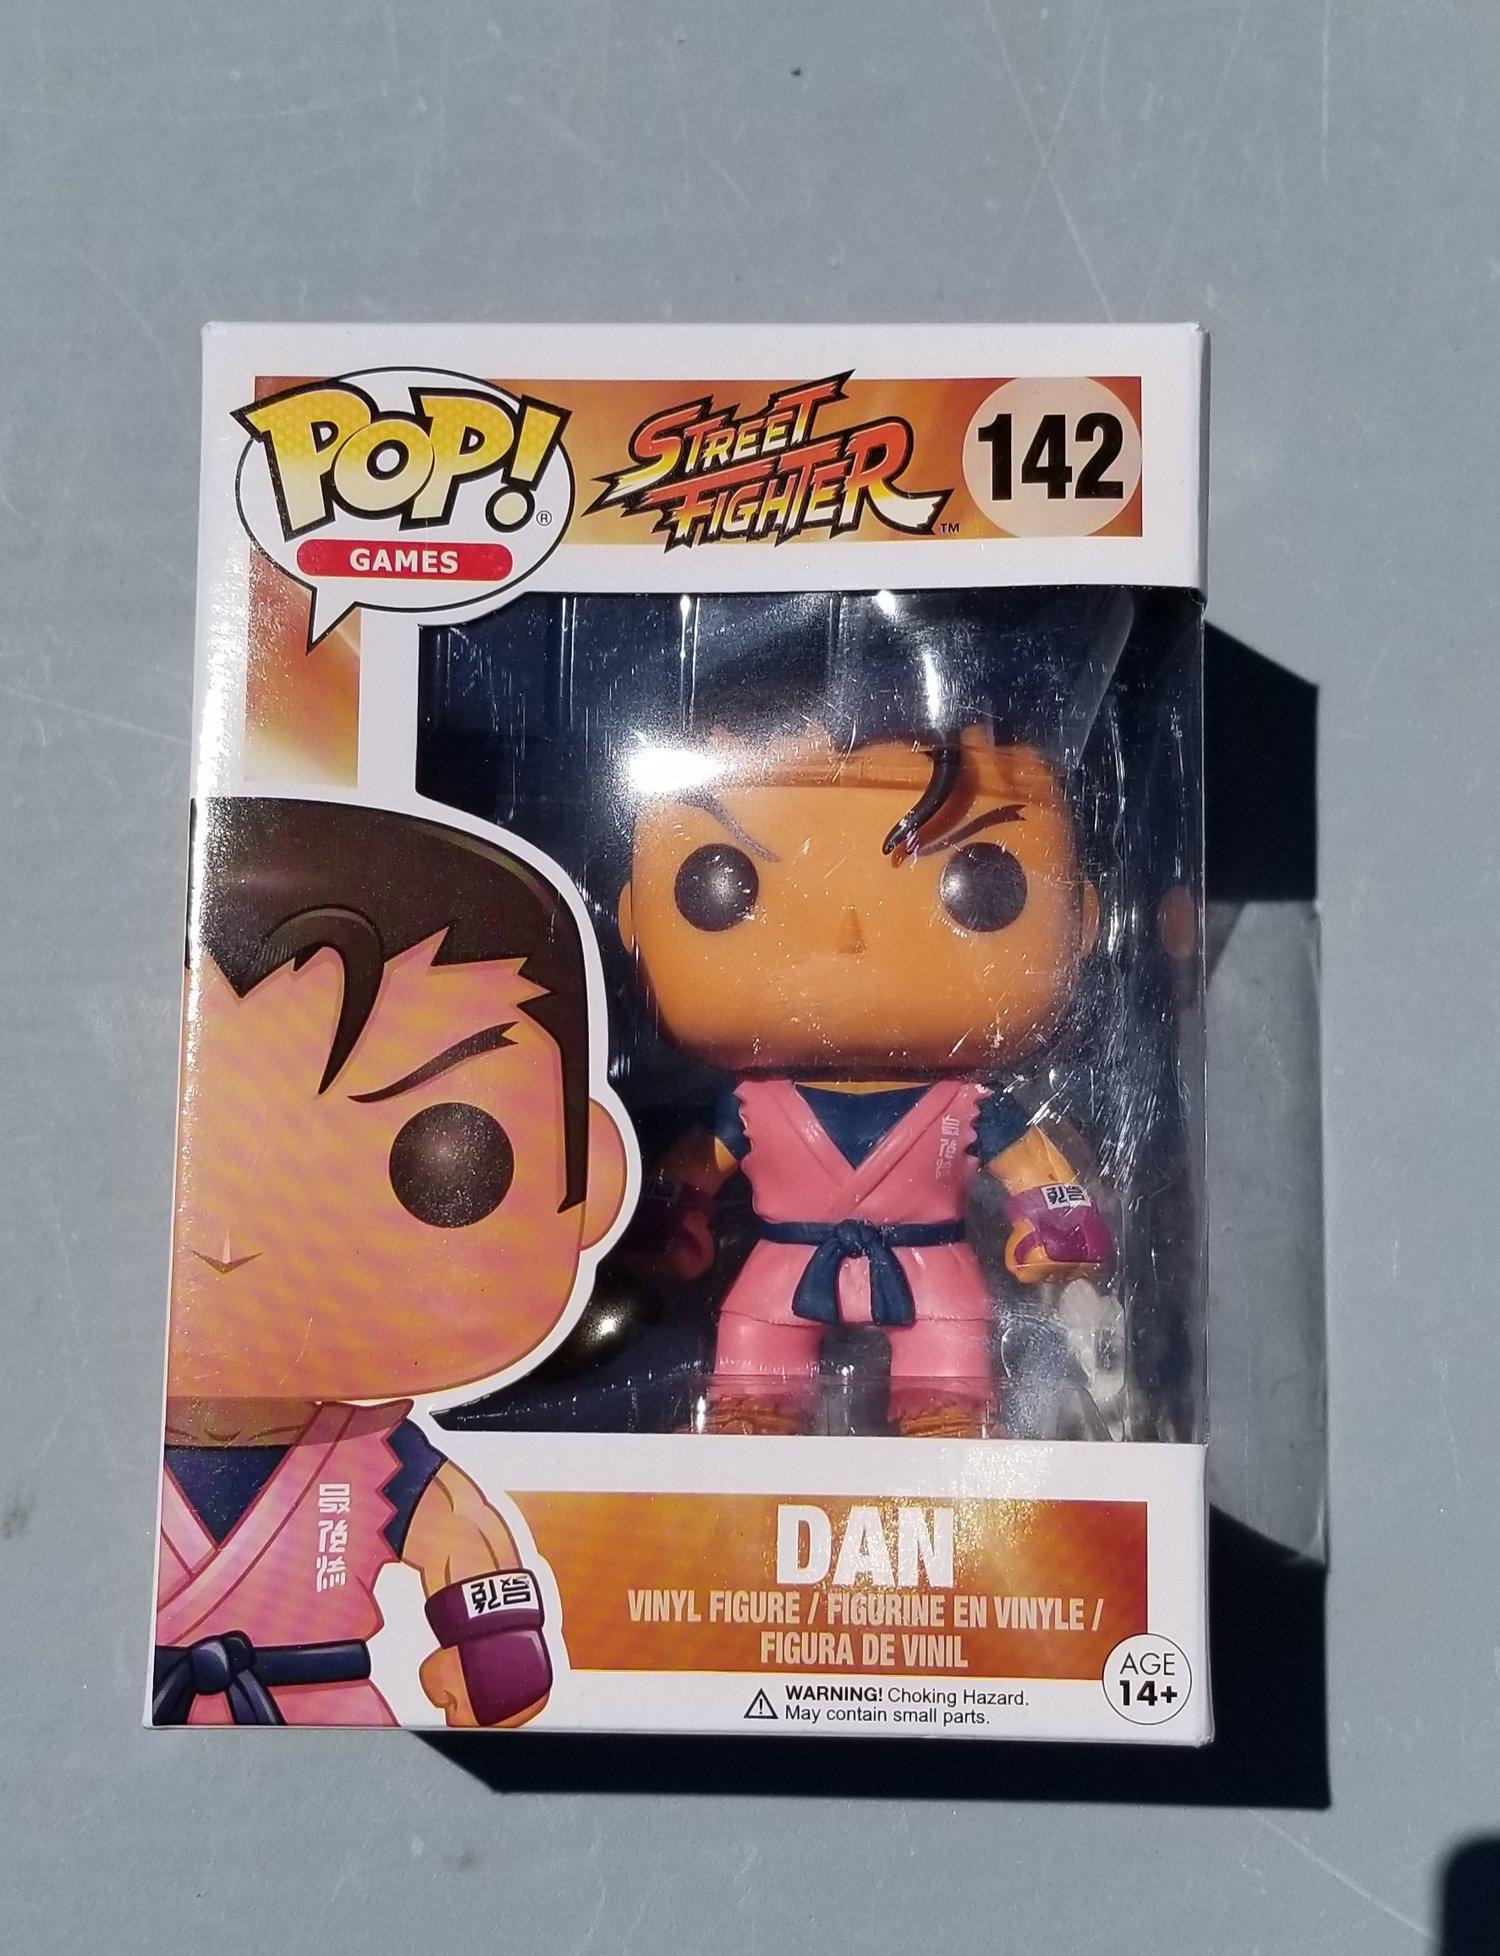 Image of Dan Funko Pop